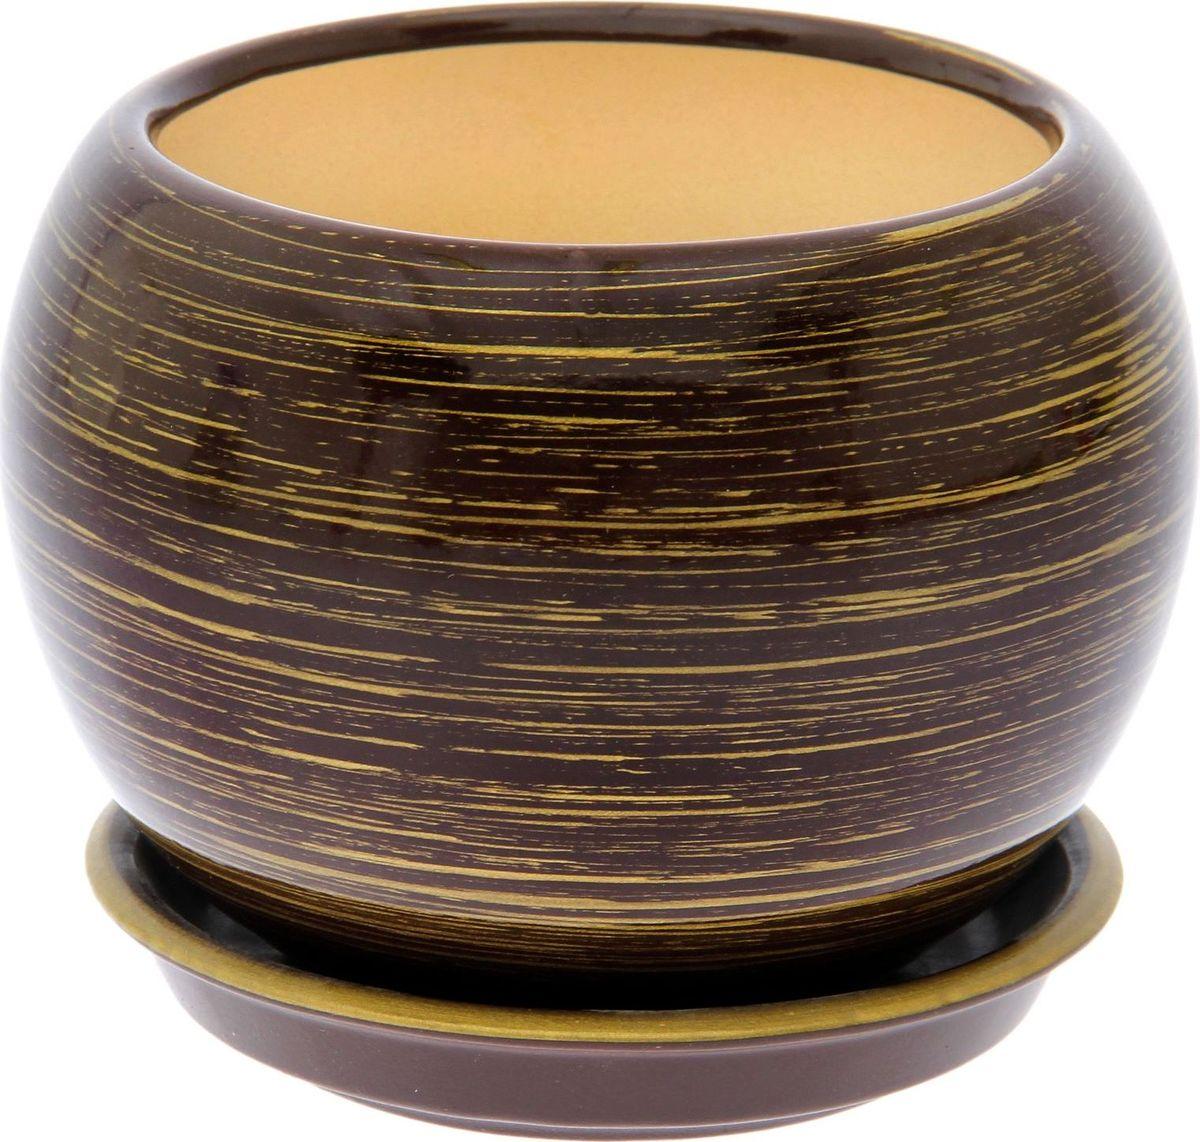 Кашпо Керамика ручной работы Шар, цвет: шоколадный, золотой, 9 л1489753Комнатные растения — всеобщие любимцы. Они радуют глаз, насыщают помещение кислородом и украшают пространство. Каждому из них необходим свой удобный и красивый дом. Кашпо из керамики прекрасно подходят для высадки растений: за счёт пластичности глины и разных способов обработки существует великое множество форм и дизайновпористый материал позволяет испаряться лишней влагевоздух, необходимый для дыхания корней, проникает сквозь керамические стенки! #name# позаботится о зелёном питомце, освежит интерьер и подчеркнёт его стиль.